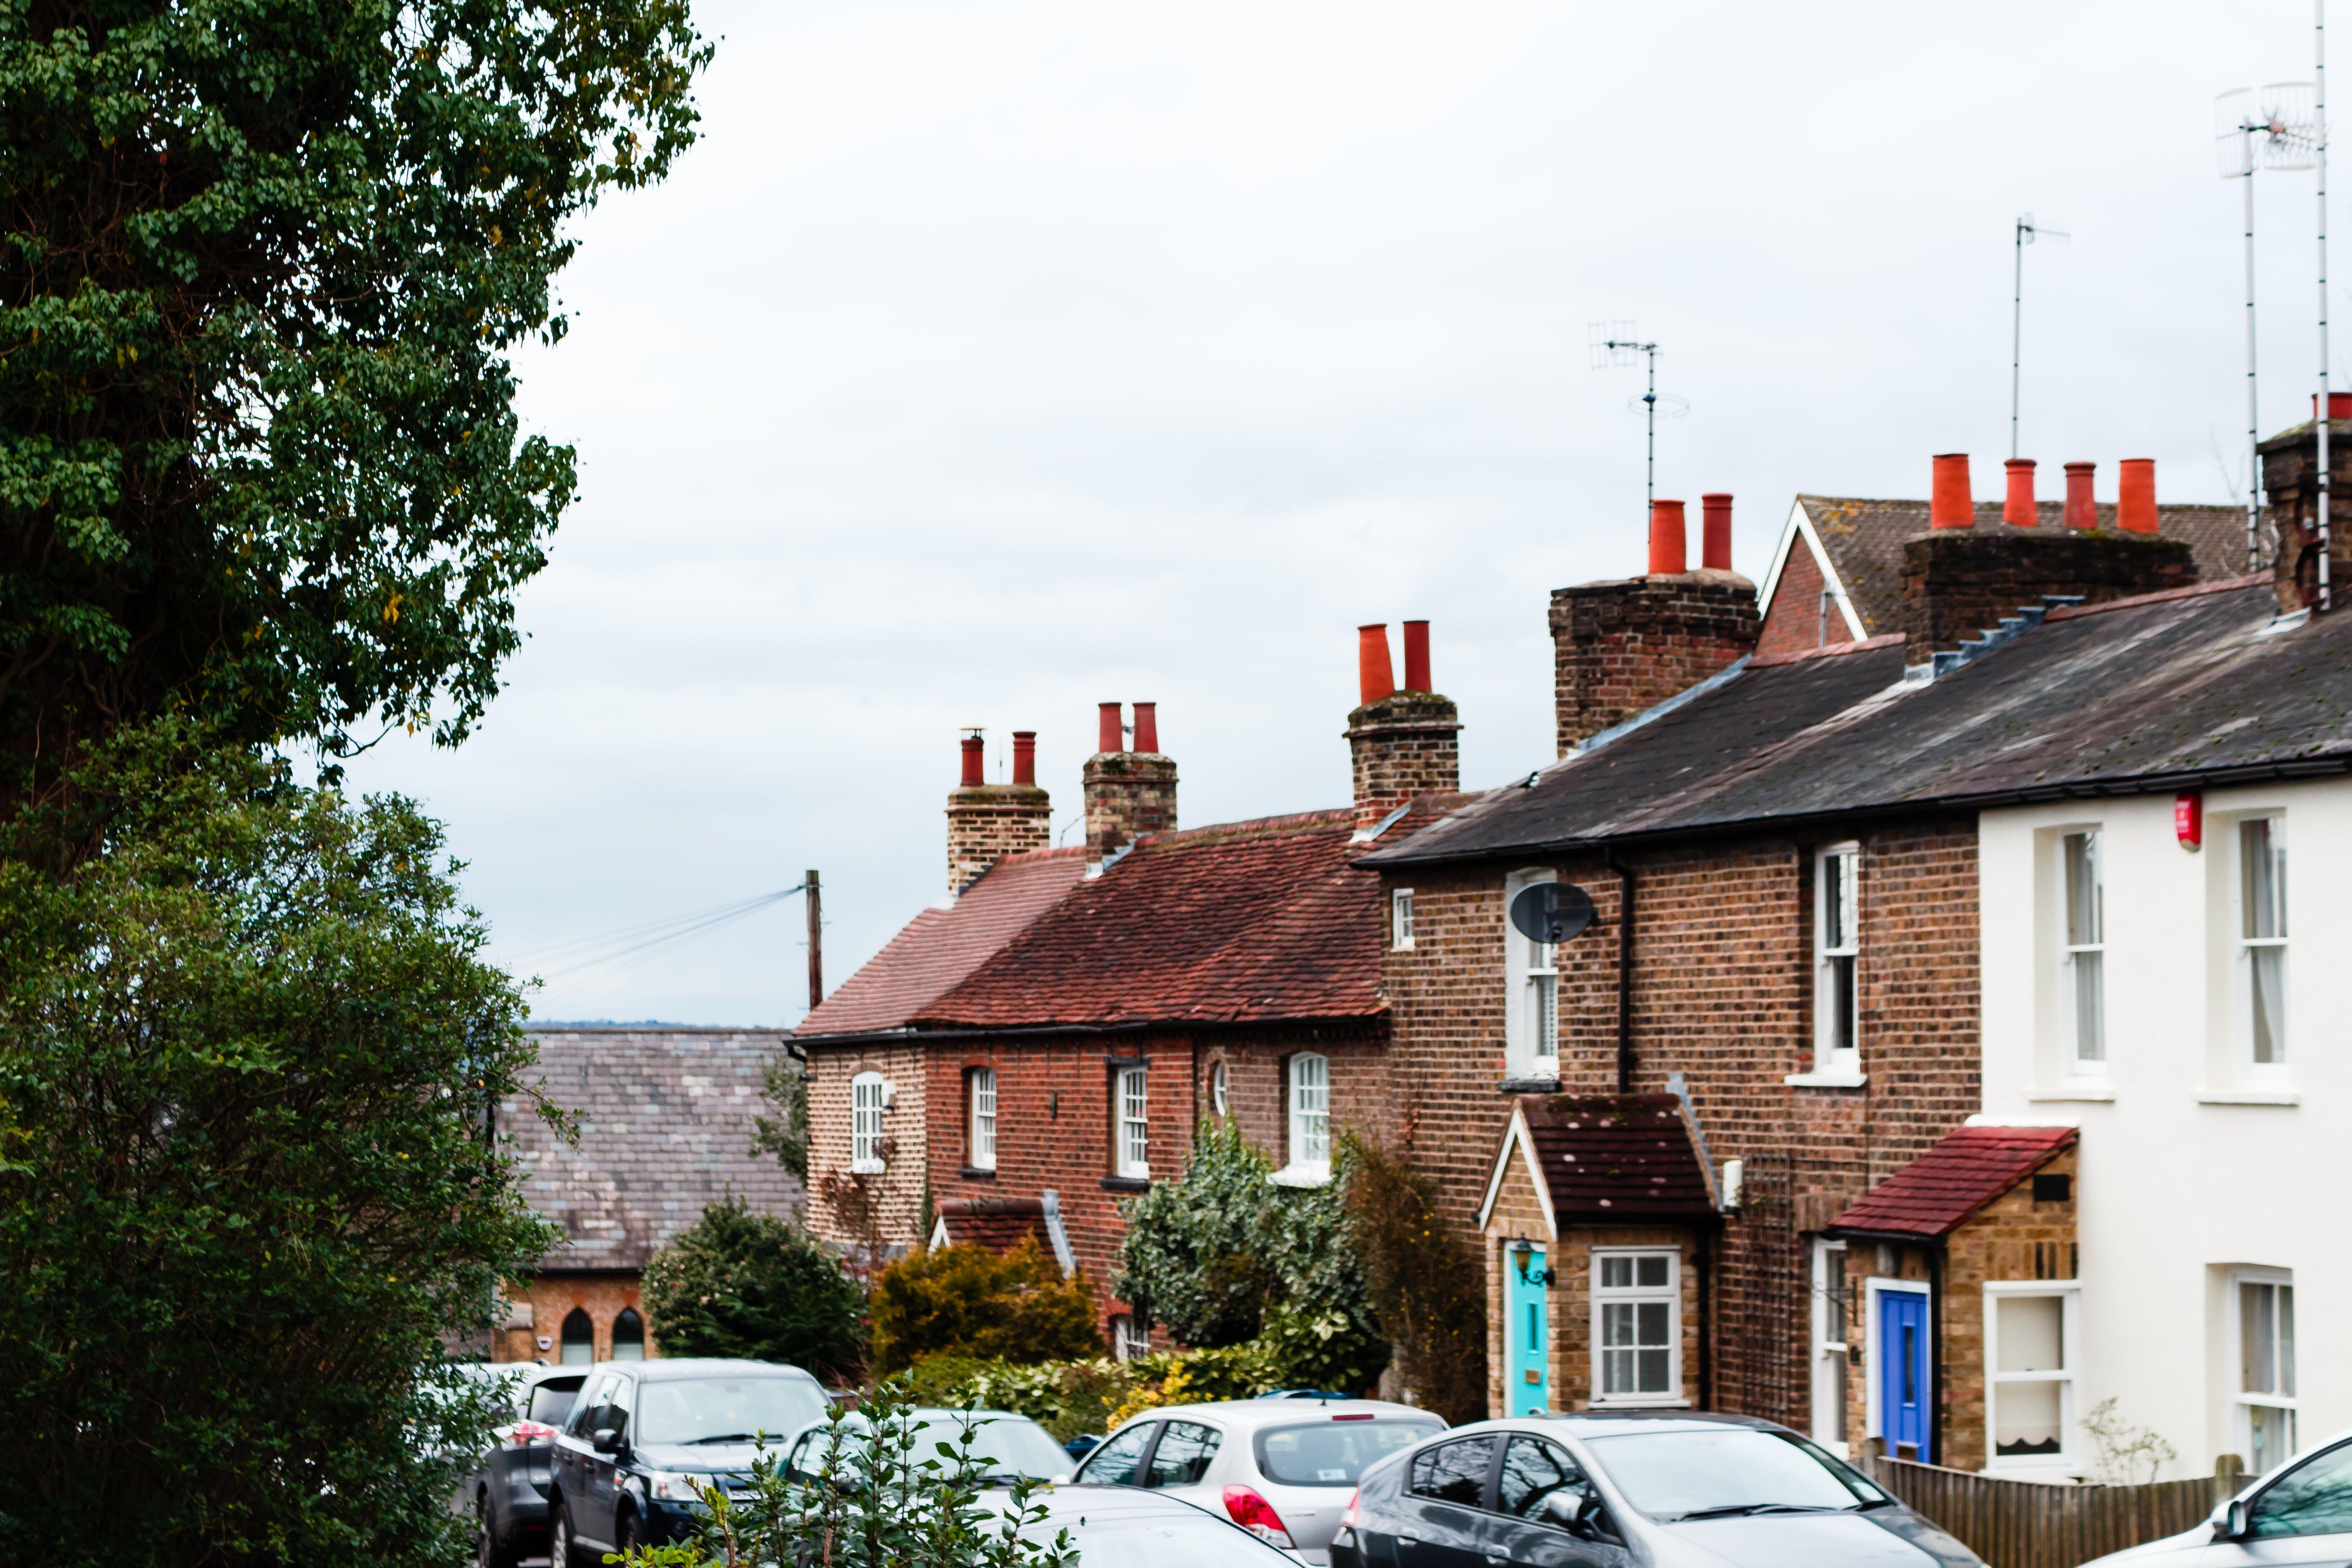 Free stock photo of houses, england, UK